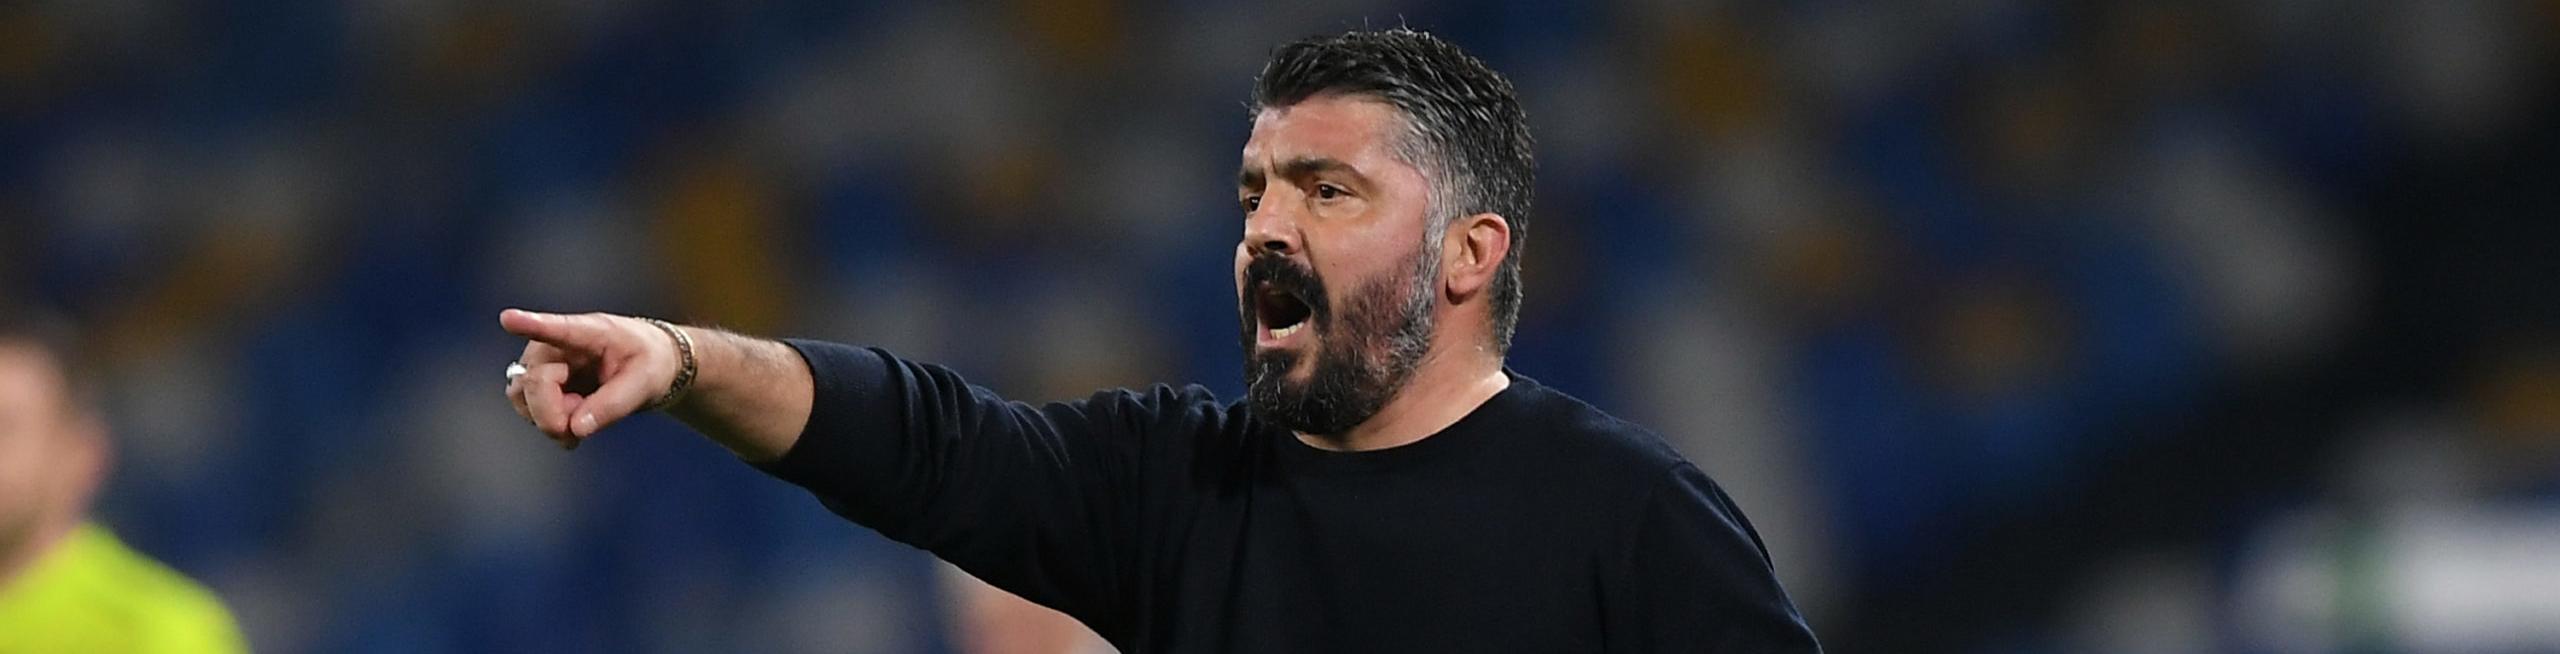 Pronostico Atalanta-Napoli: Gattuso si affida a Osimhen per salvare la panchina – le ultimissime